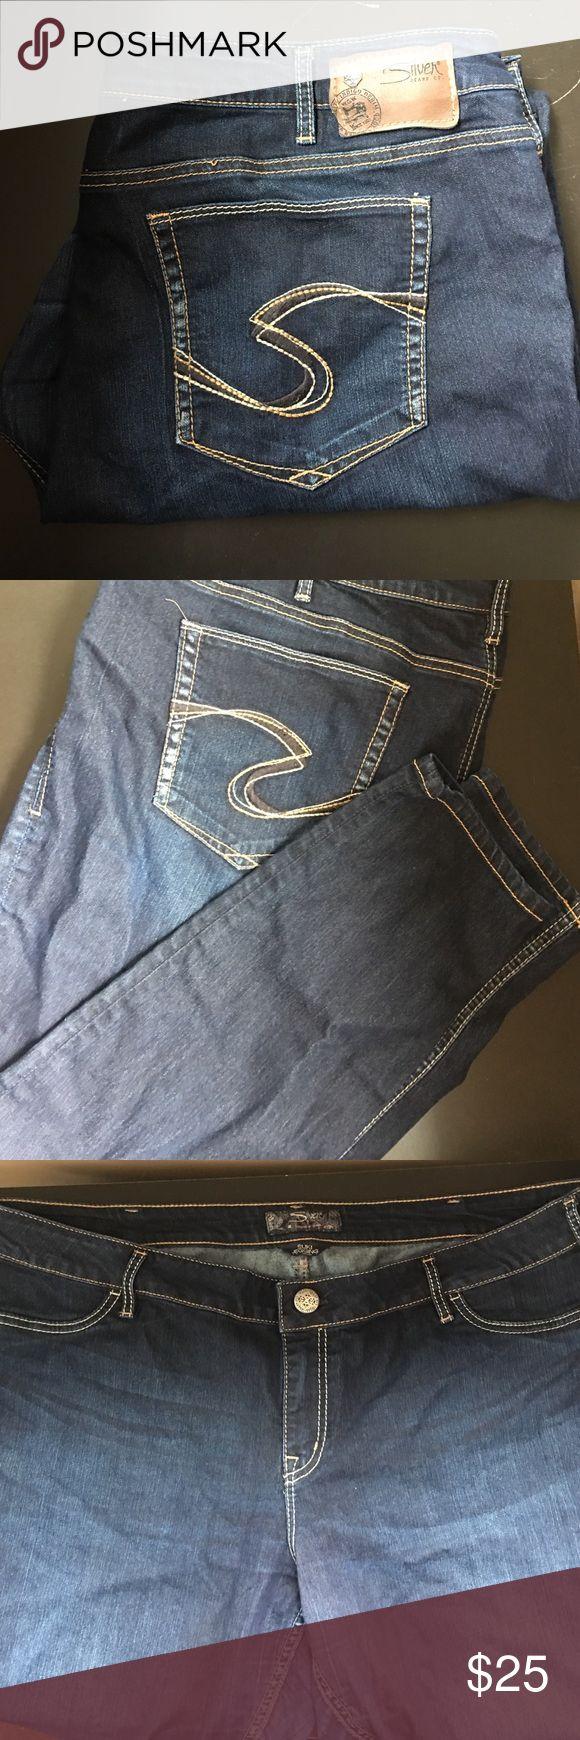 1000  ideas about Women's Silver Jeans on Pinterest | Beige